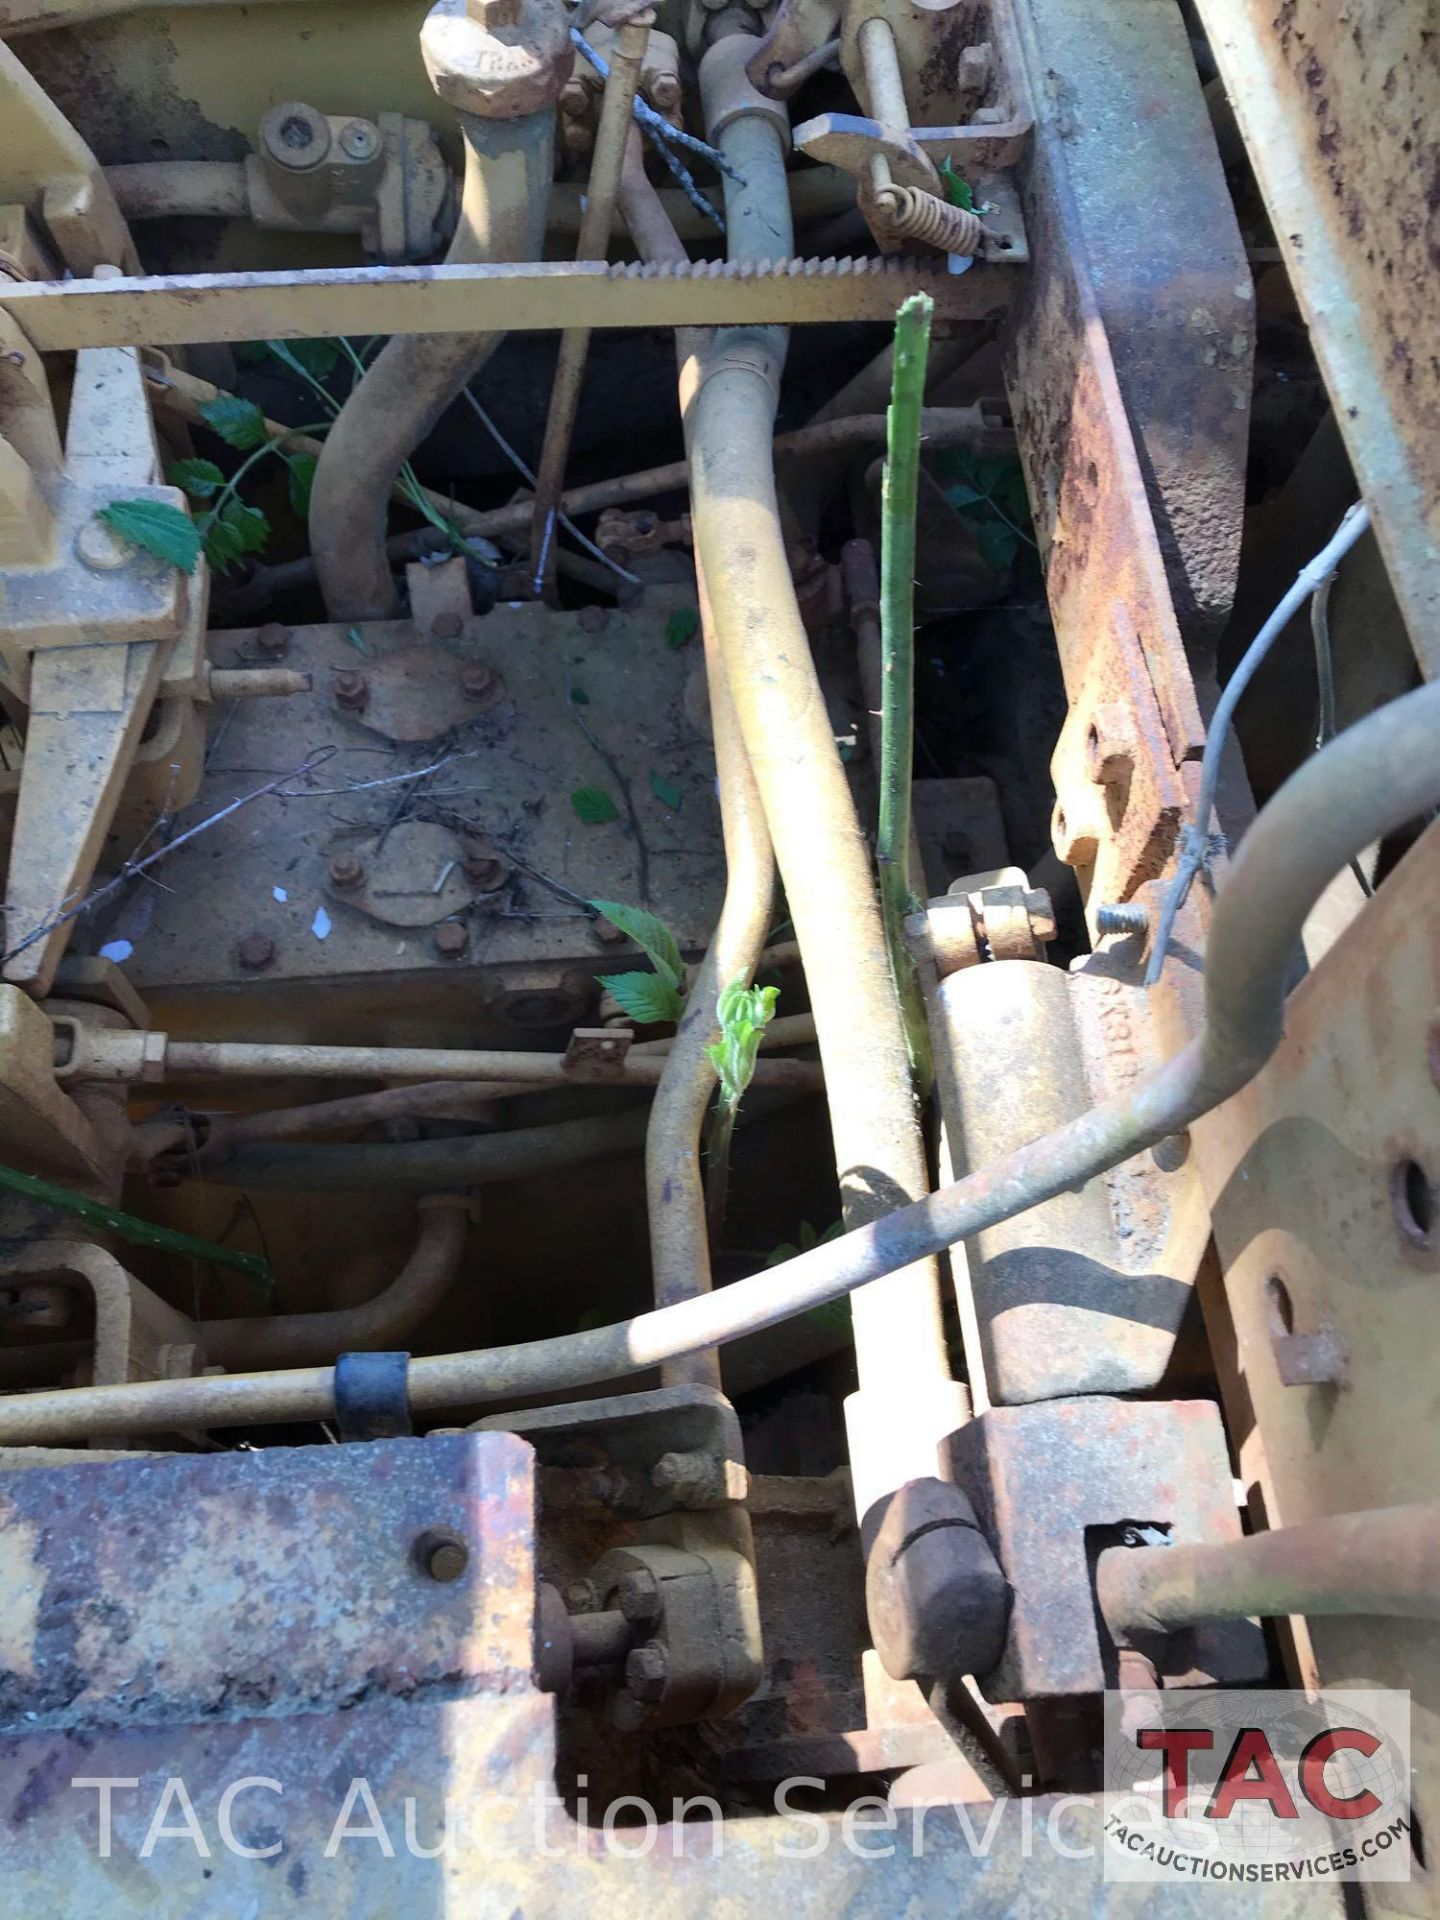 Cat 951c Track Loader - Image 30 of 40